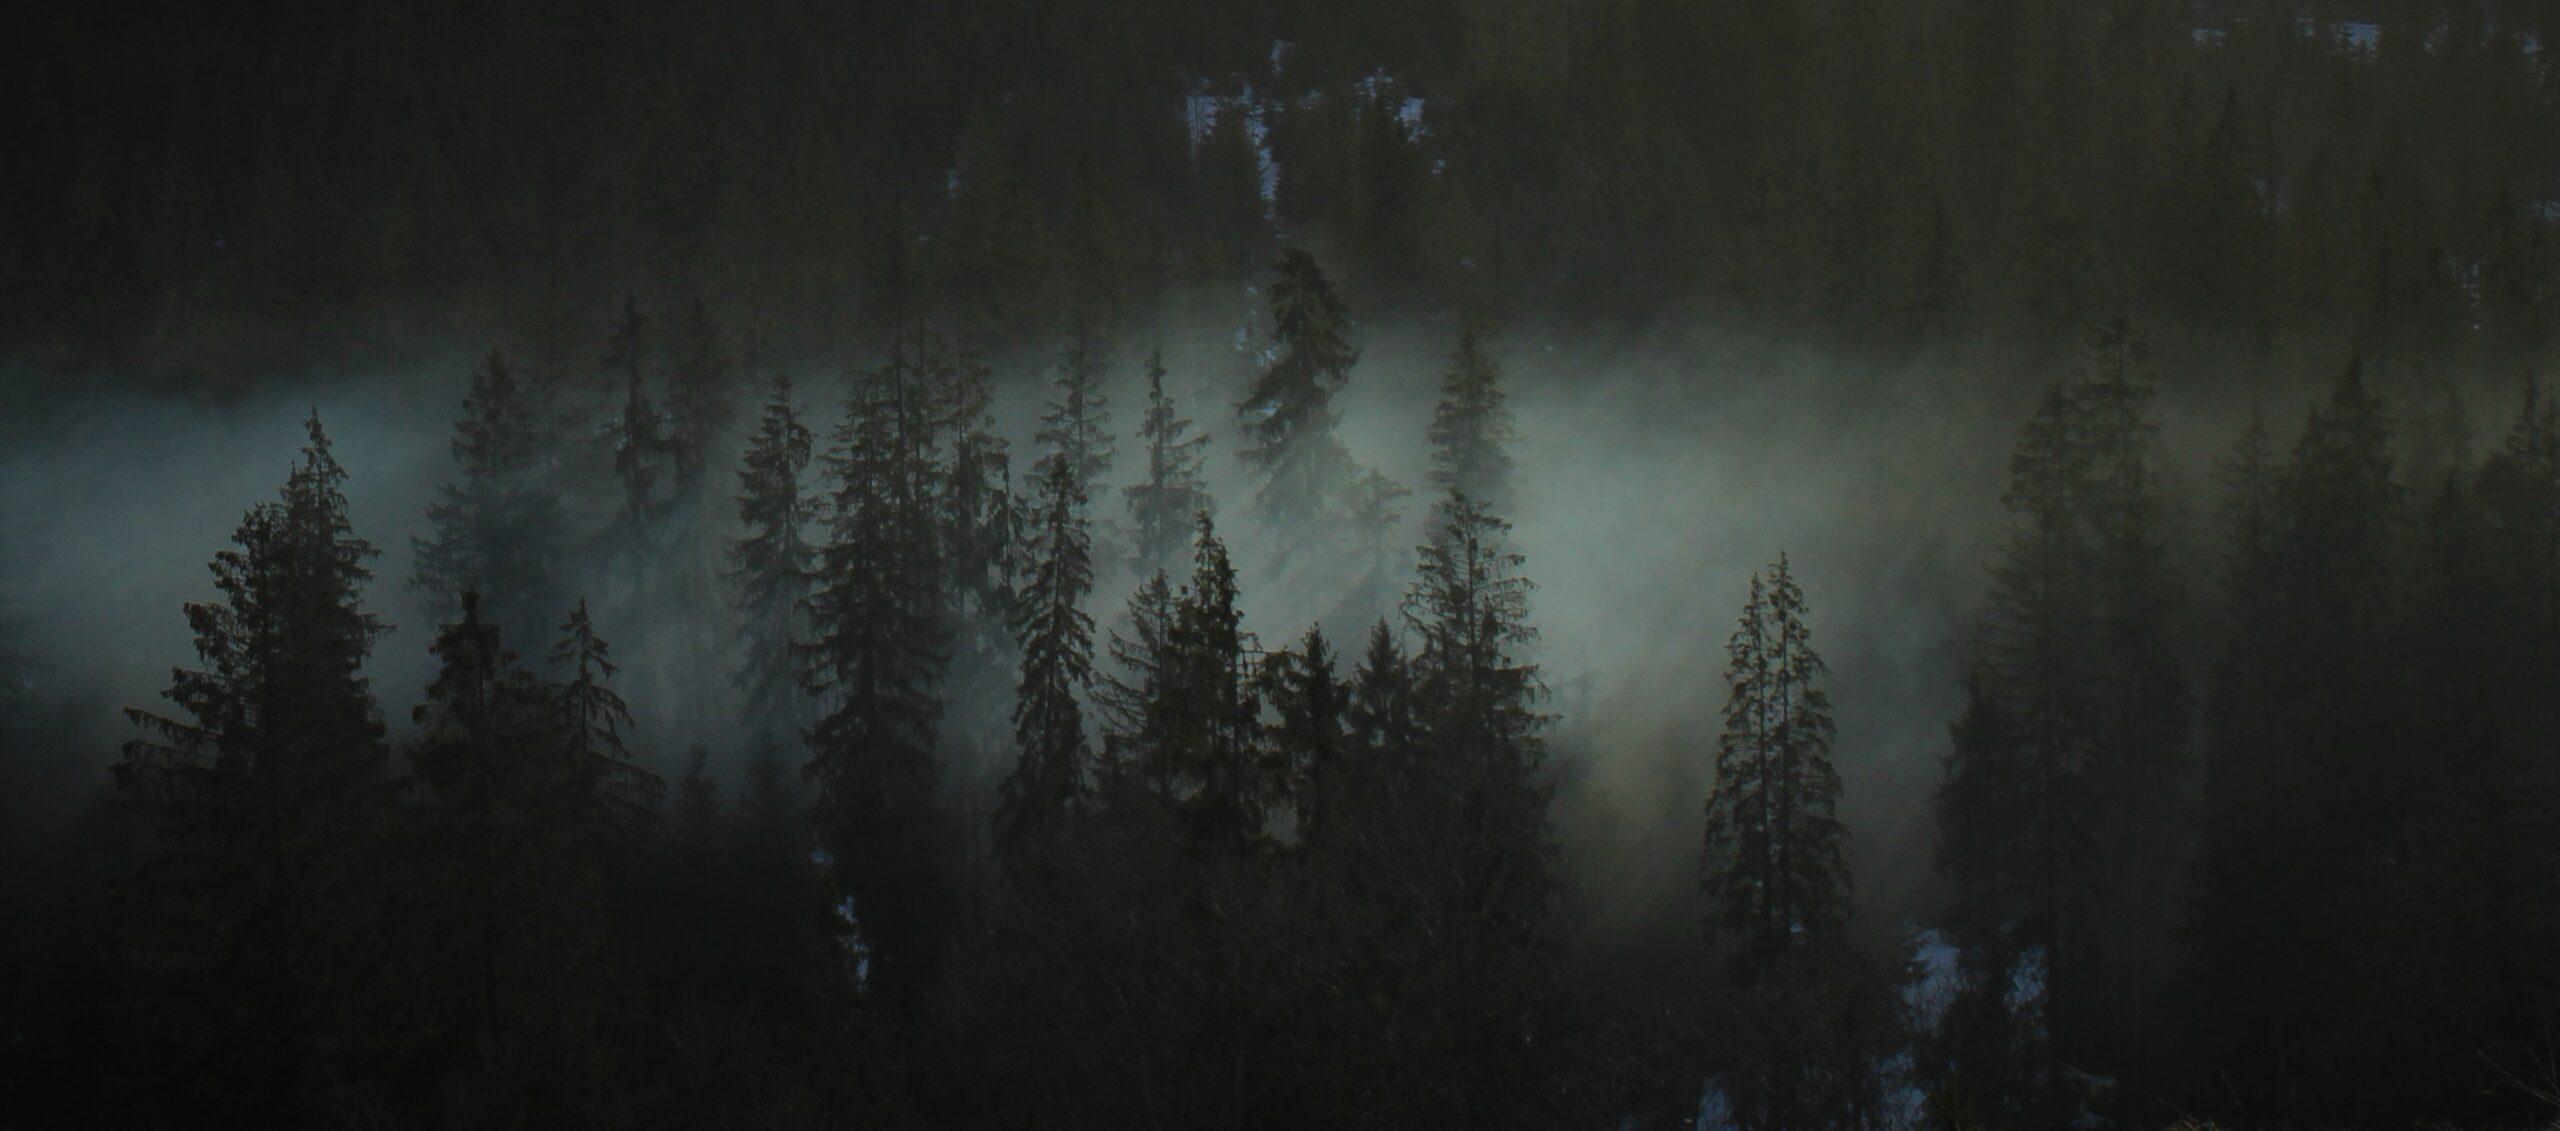 """I miejsce, kategoria wiekowa 16-20 lat, podkategoria przyrodnicze zdjęcie krajobrazowe – Weronika Czarnocka """"Biały welon"""""""